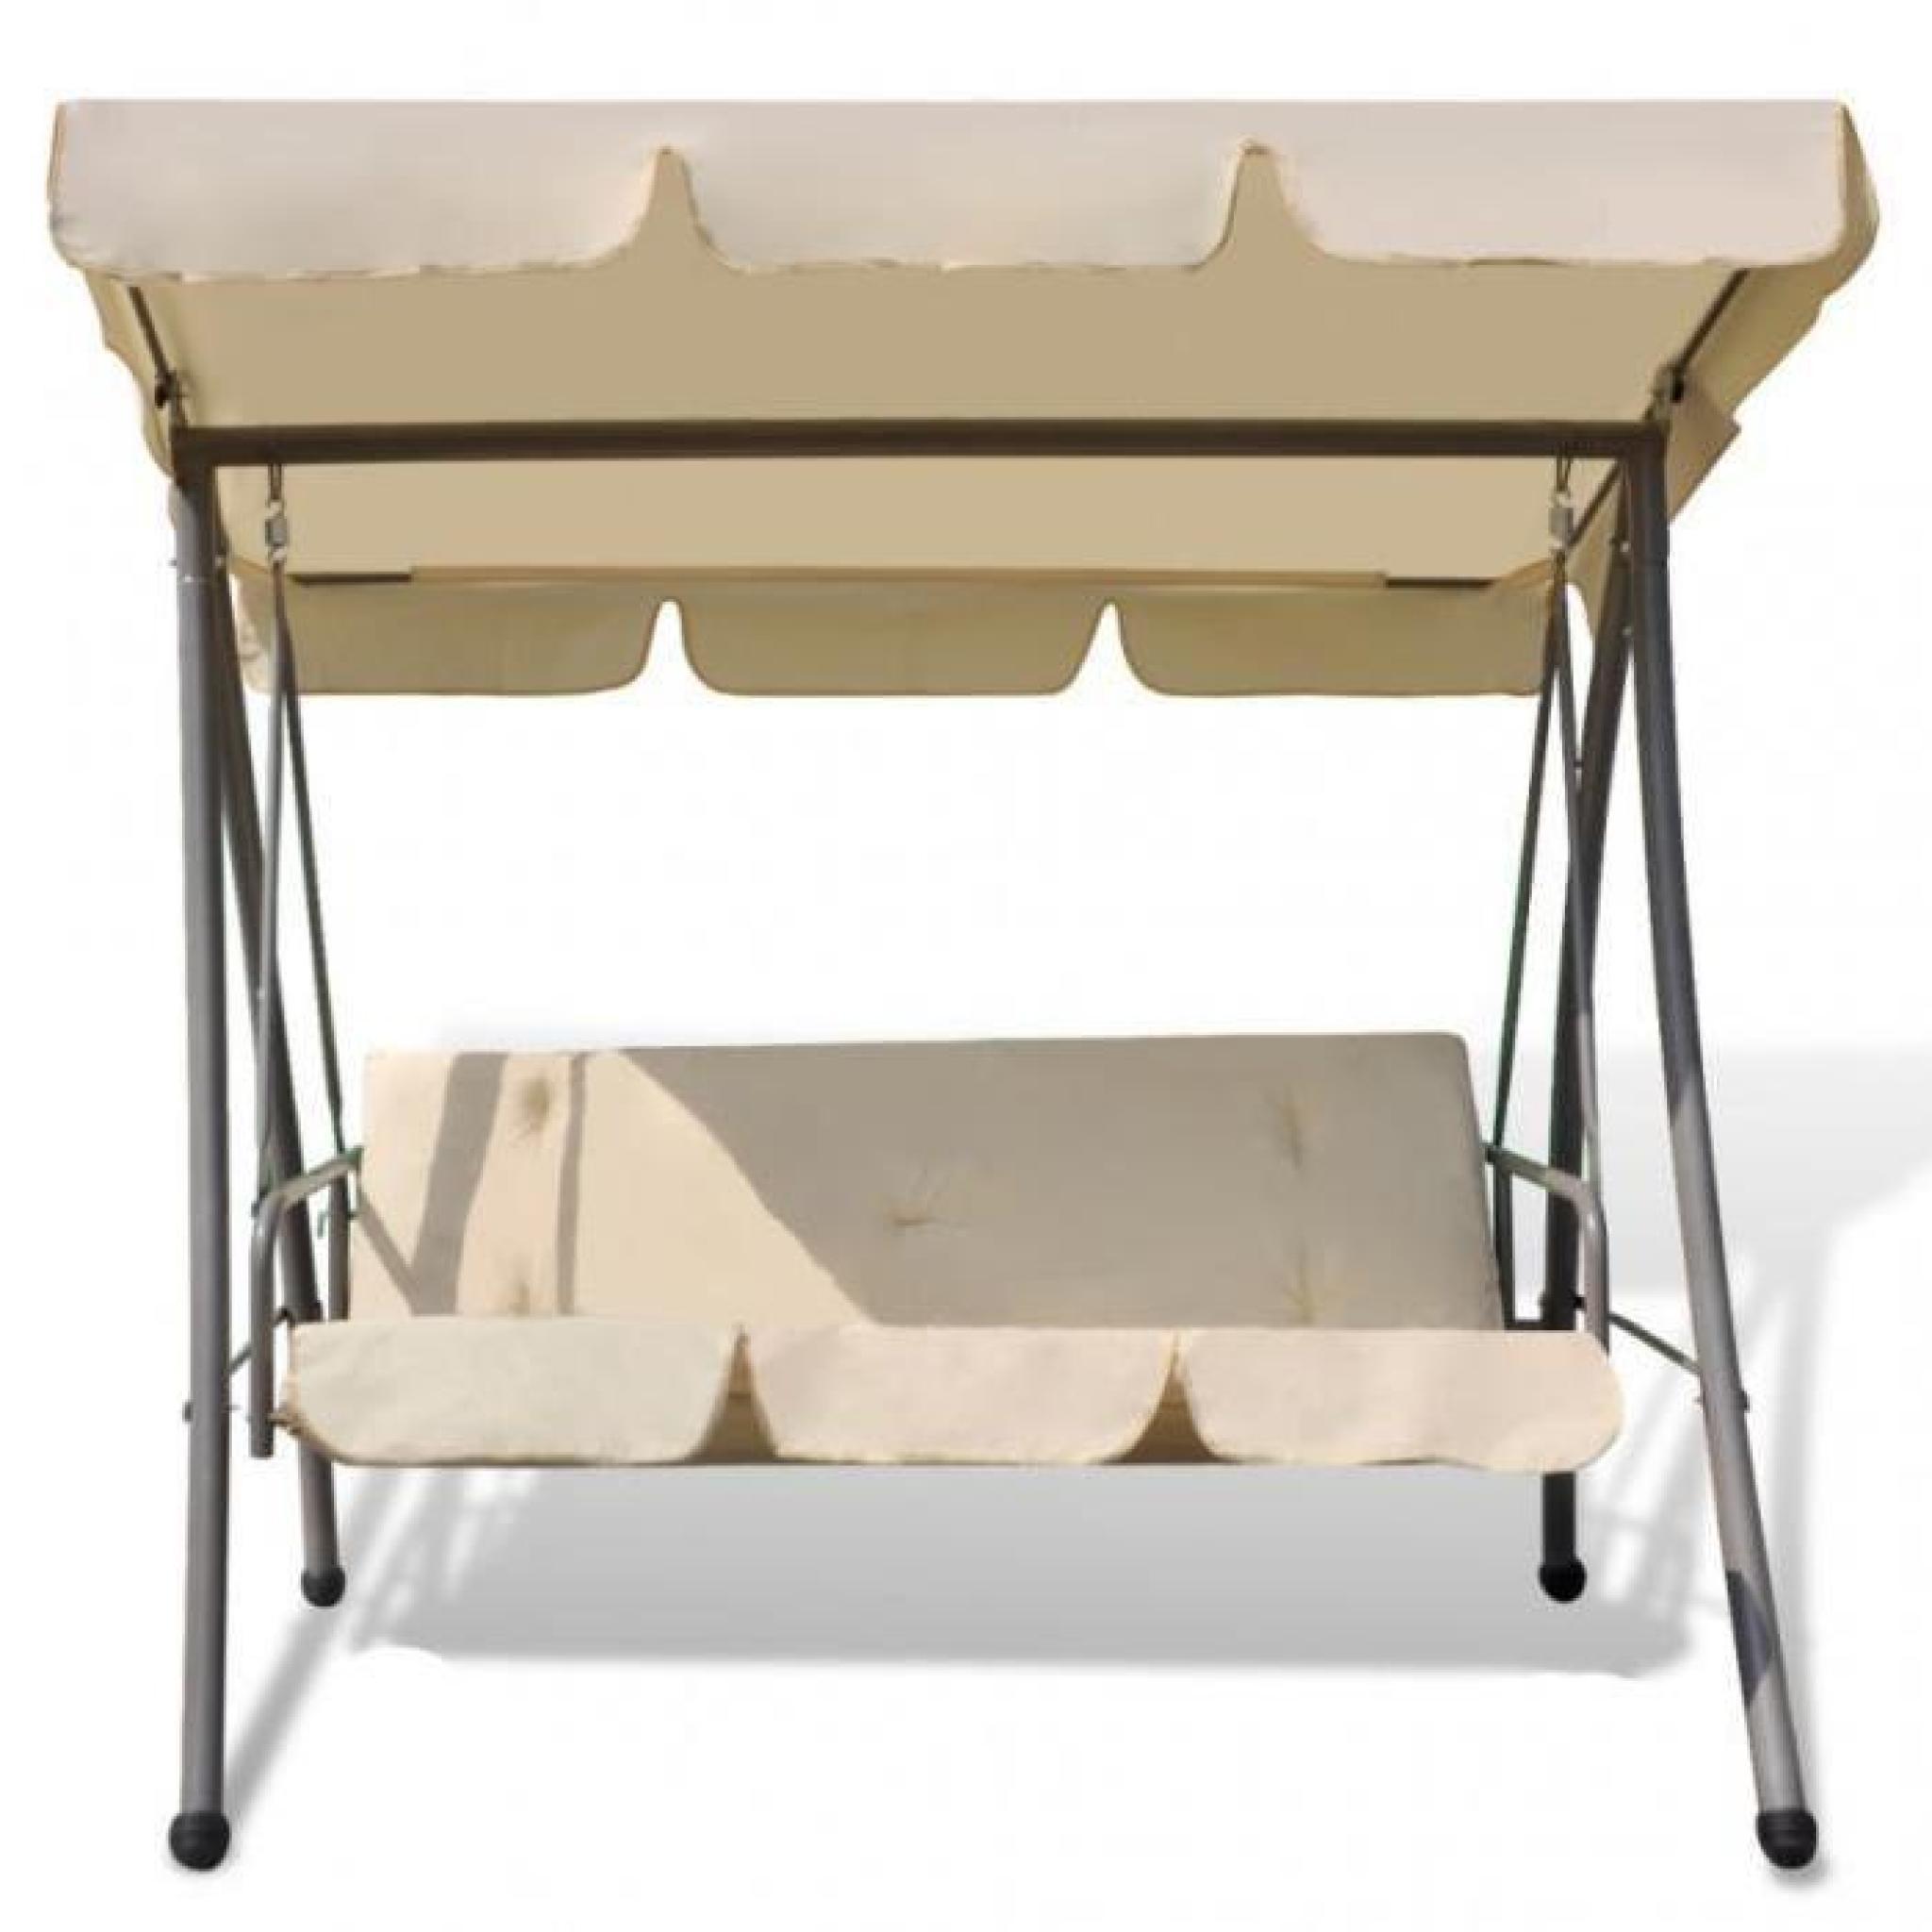 balancelle de jardin avec auvent abri convertible lit. Black Bedroom Furniture Sets. Home Design Ideas